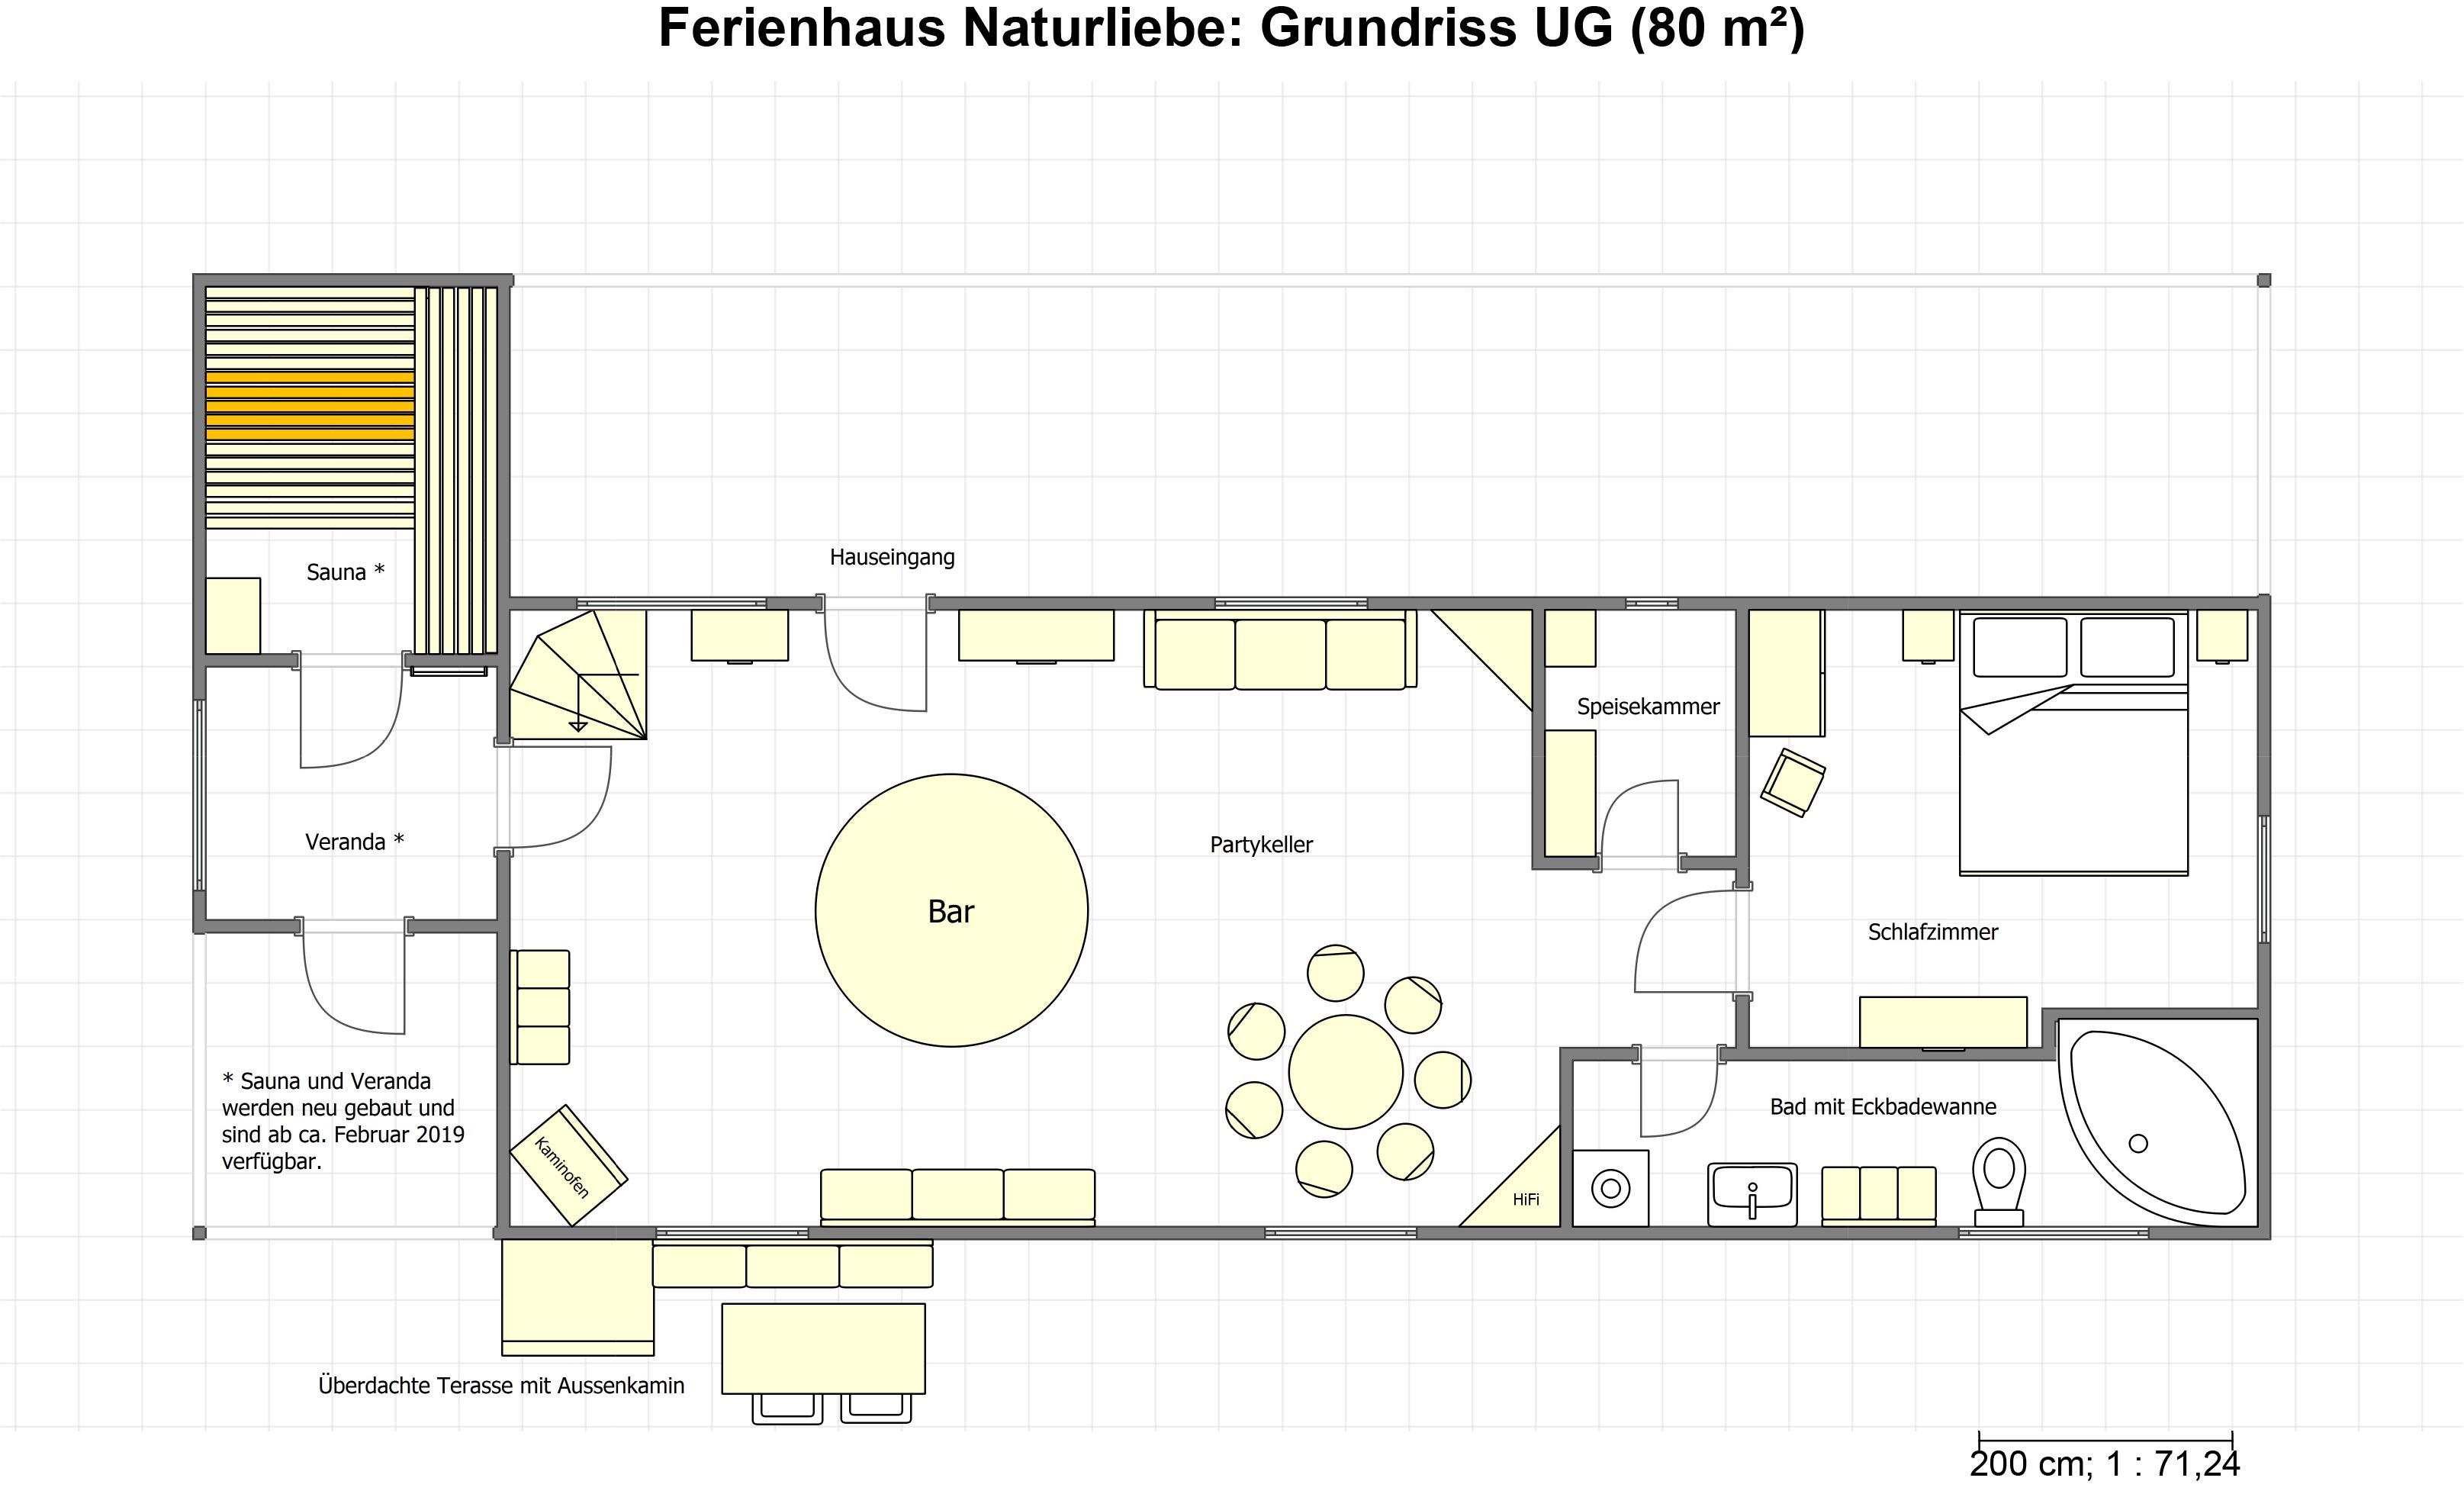 Grundriss Untergeschoß Ferienhaus Naturliebe Laubach, Schotten